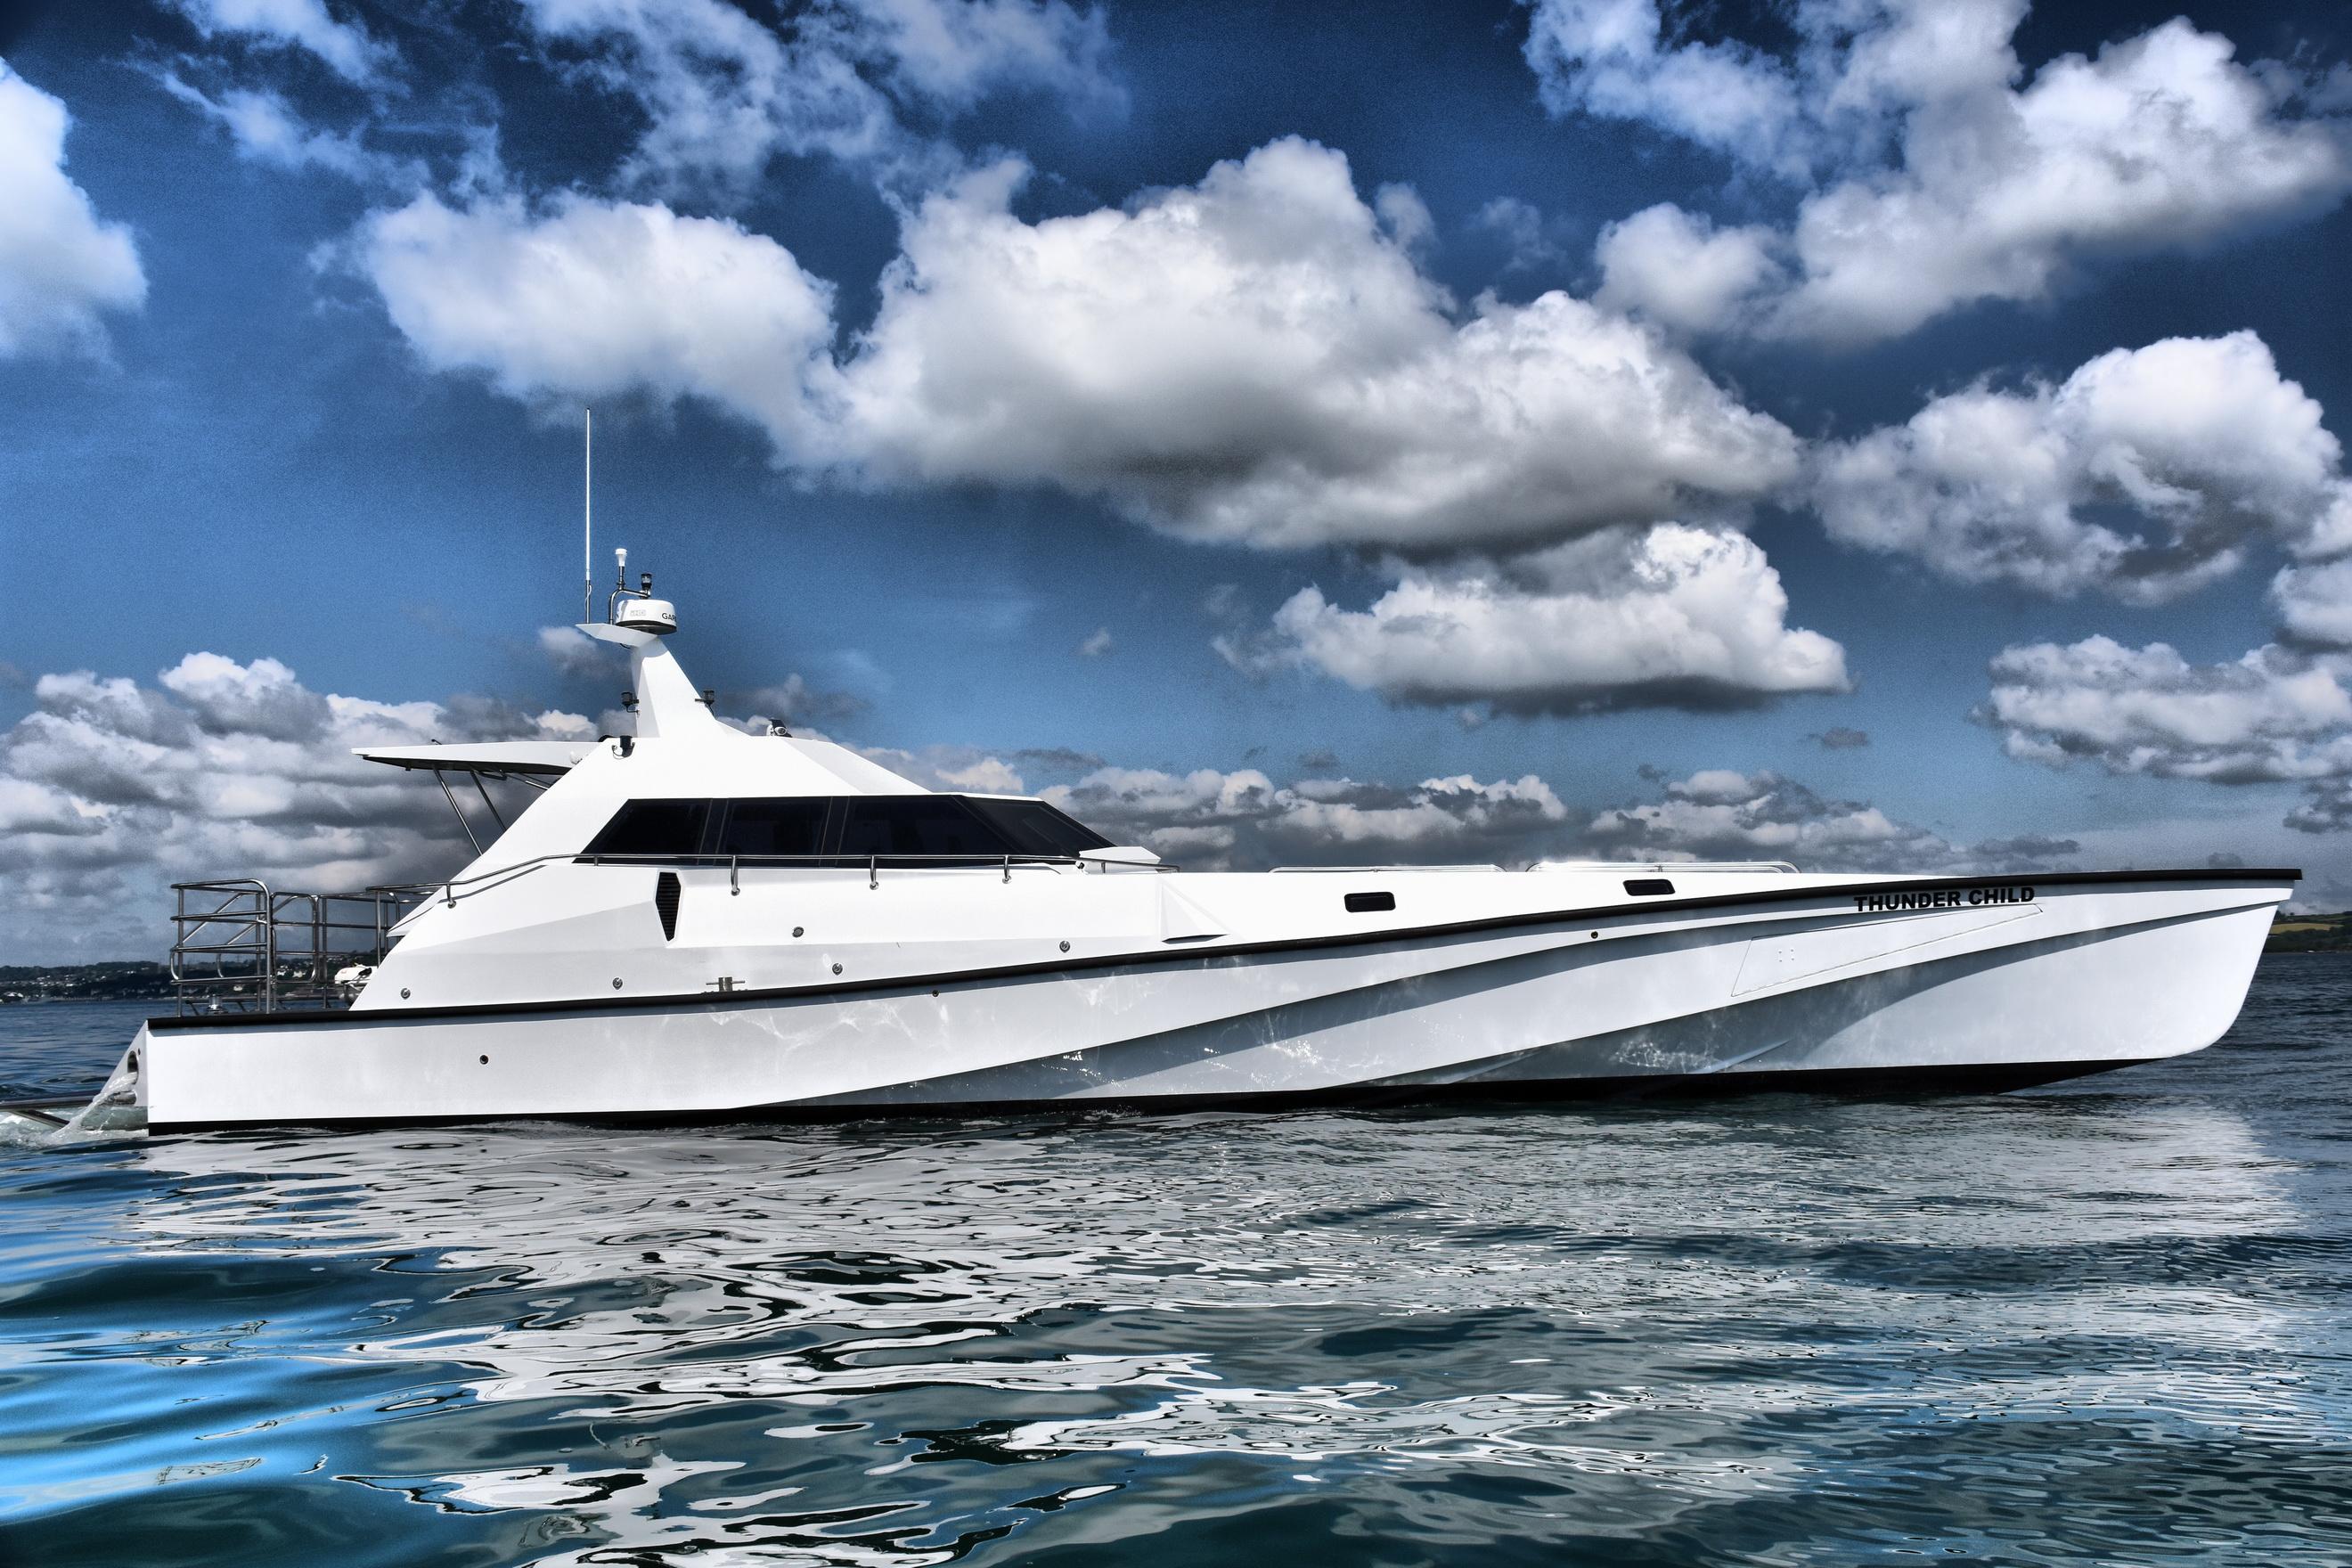 The Boat | safehavenmarine